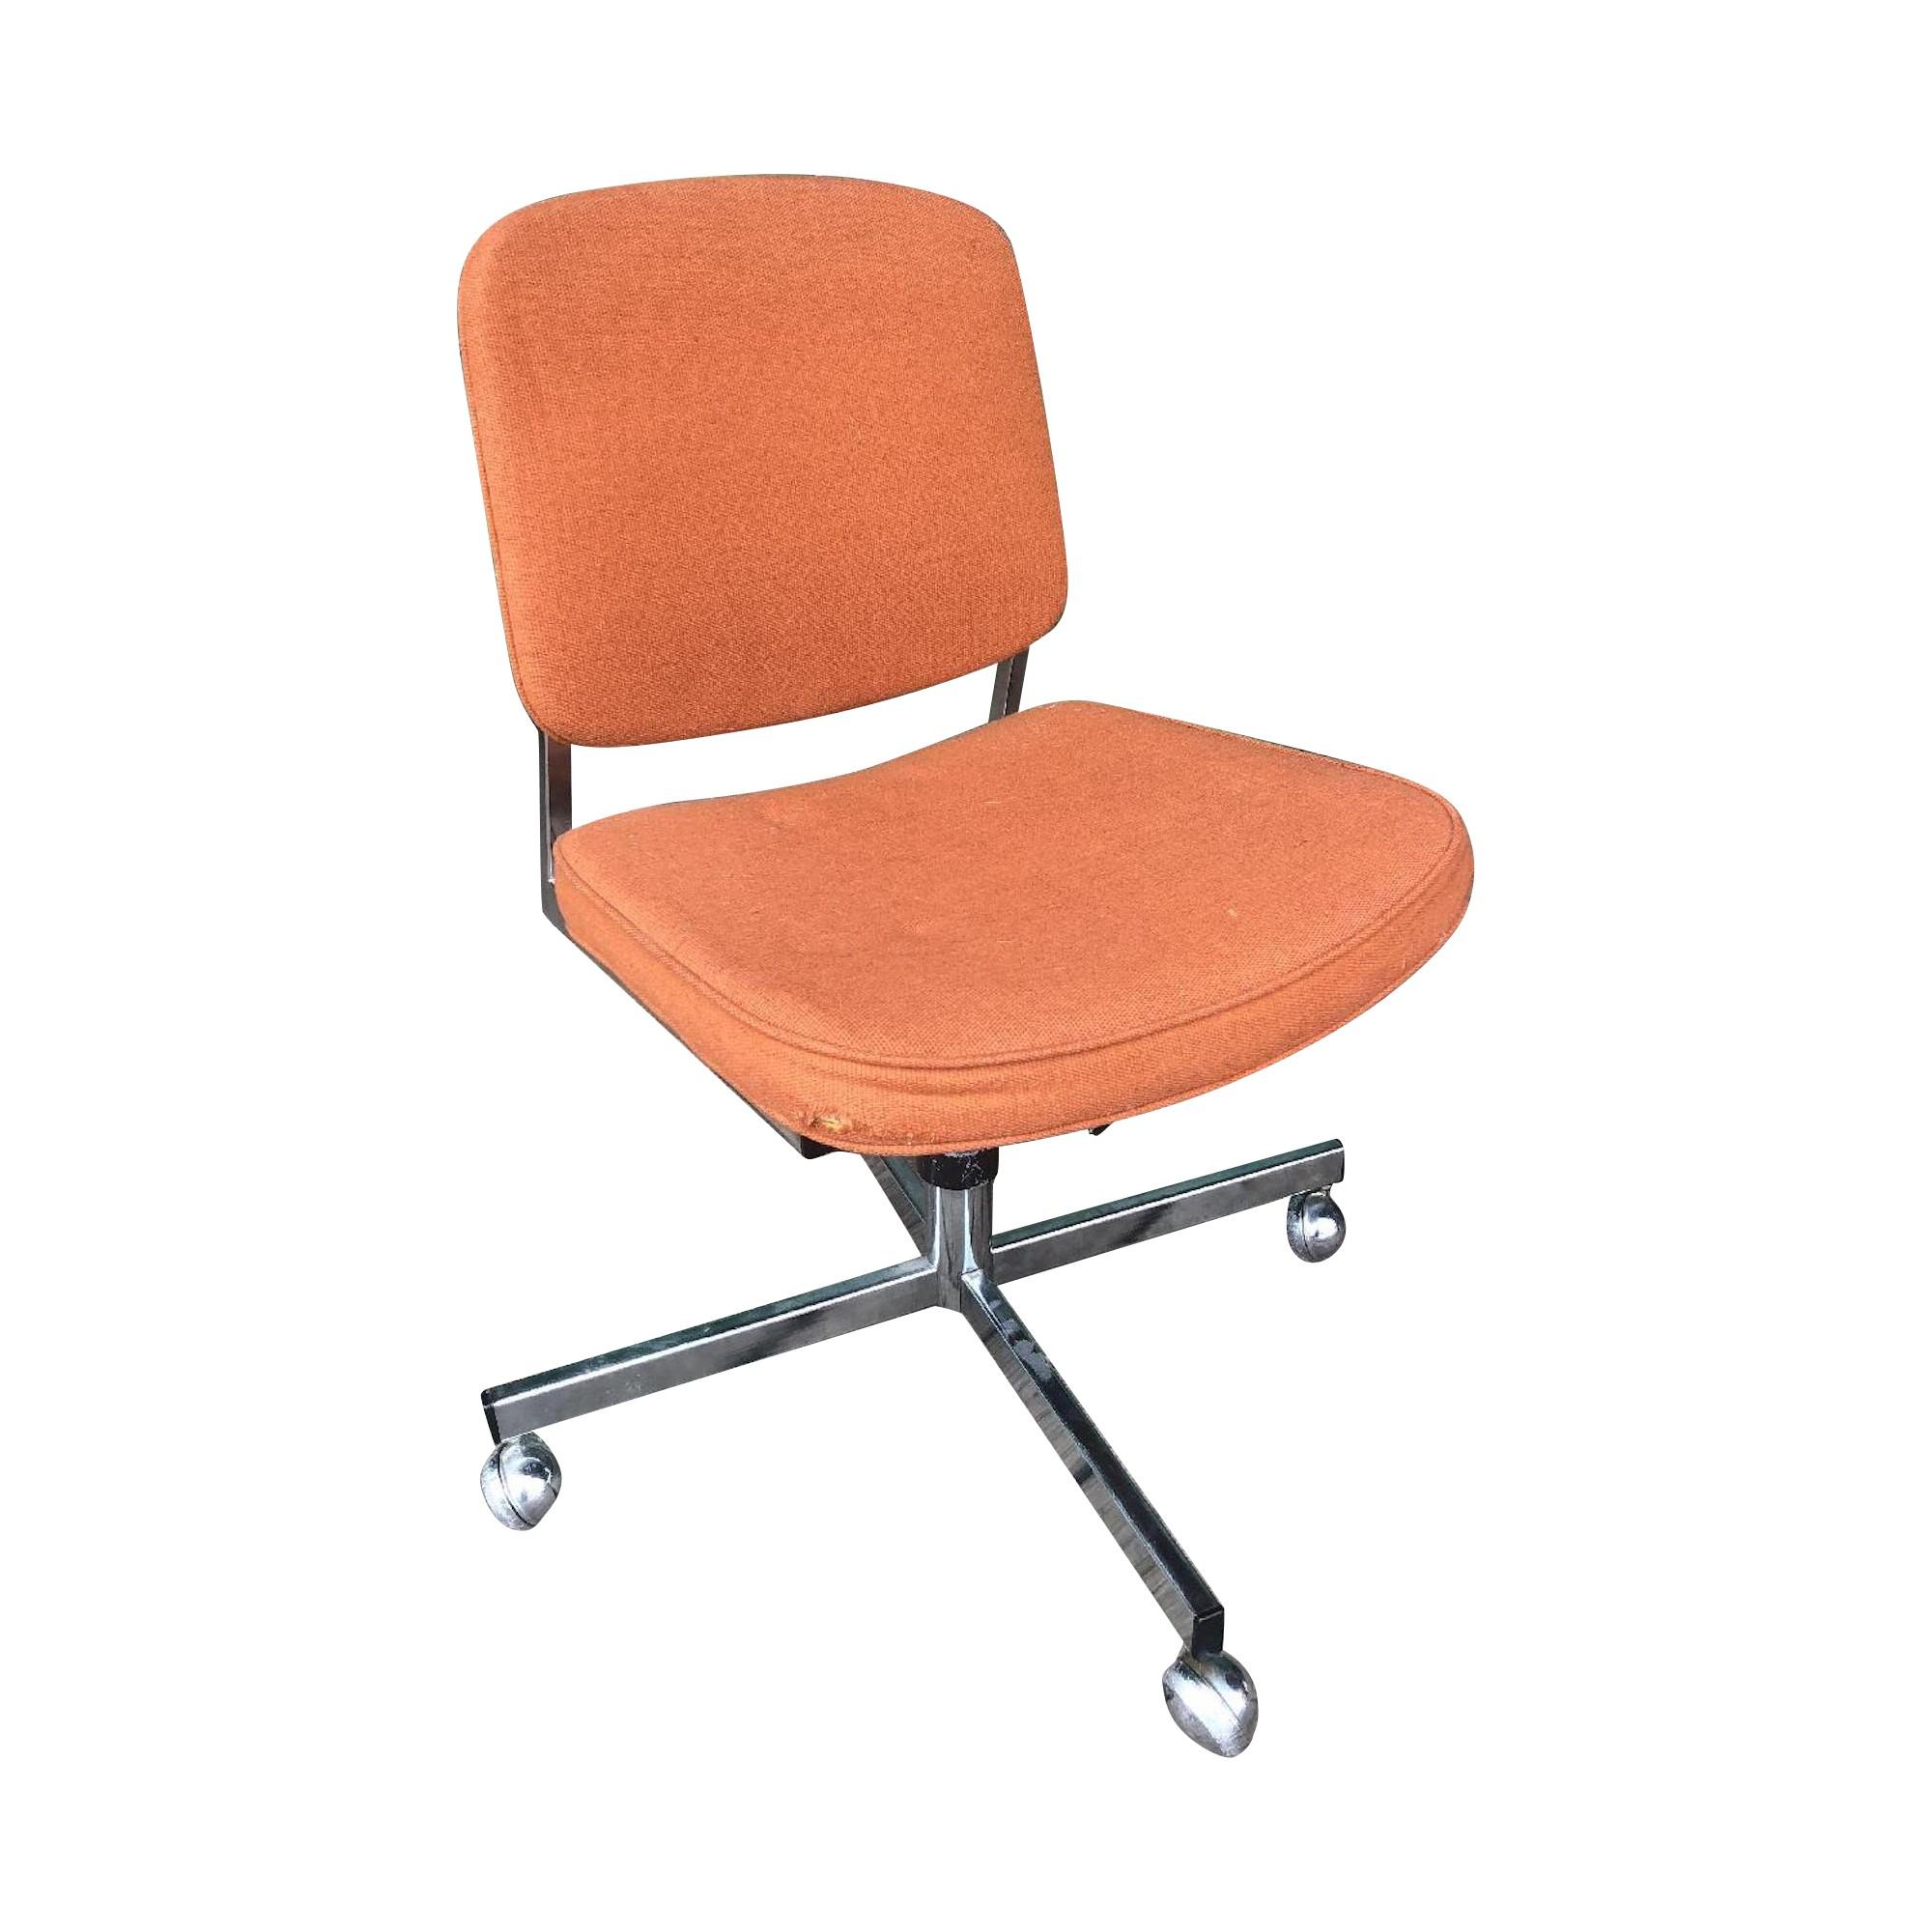 Designcraft Mid Century Modern Office Chair in Orange